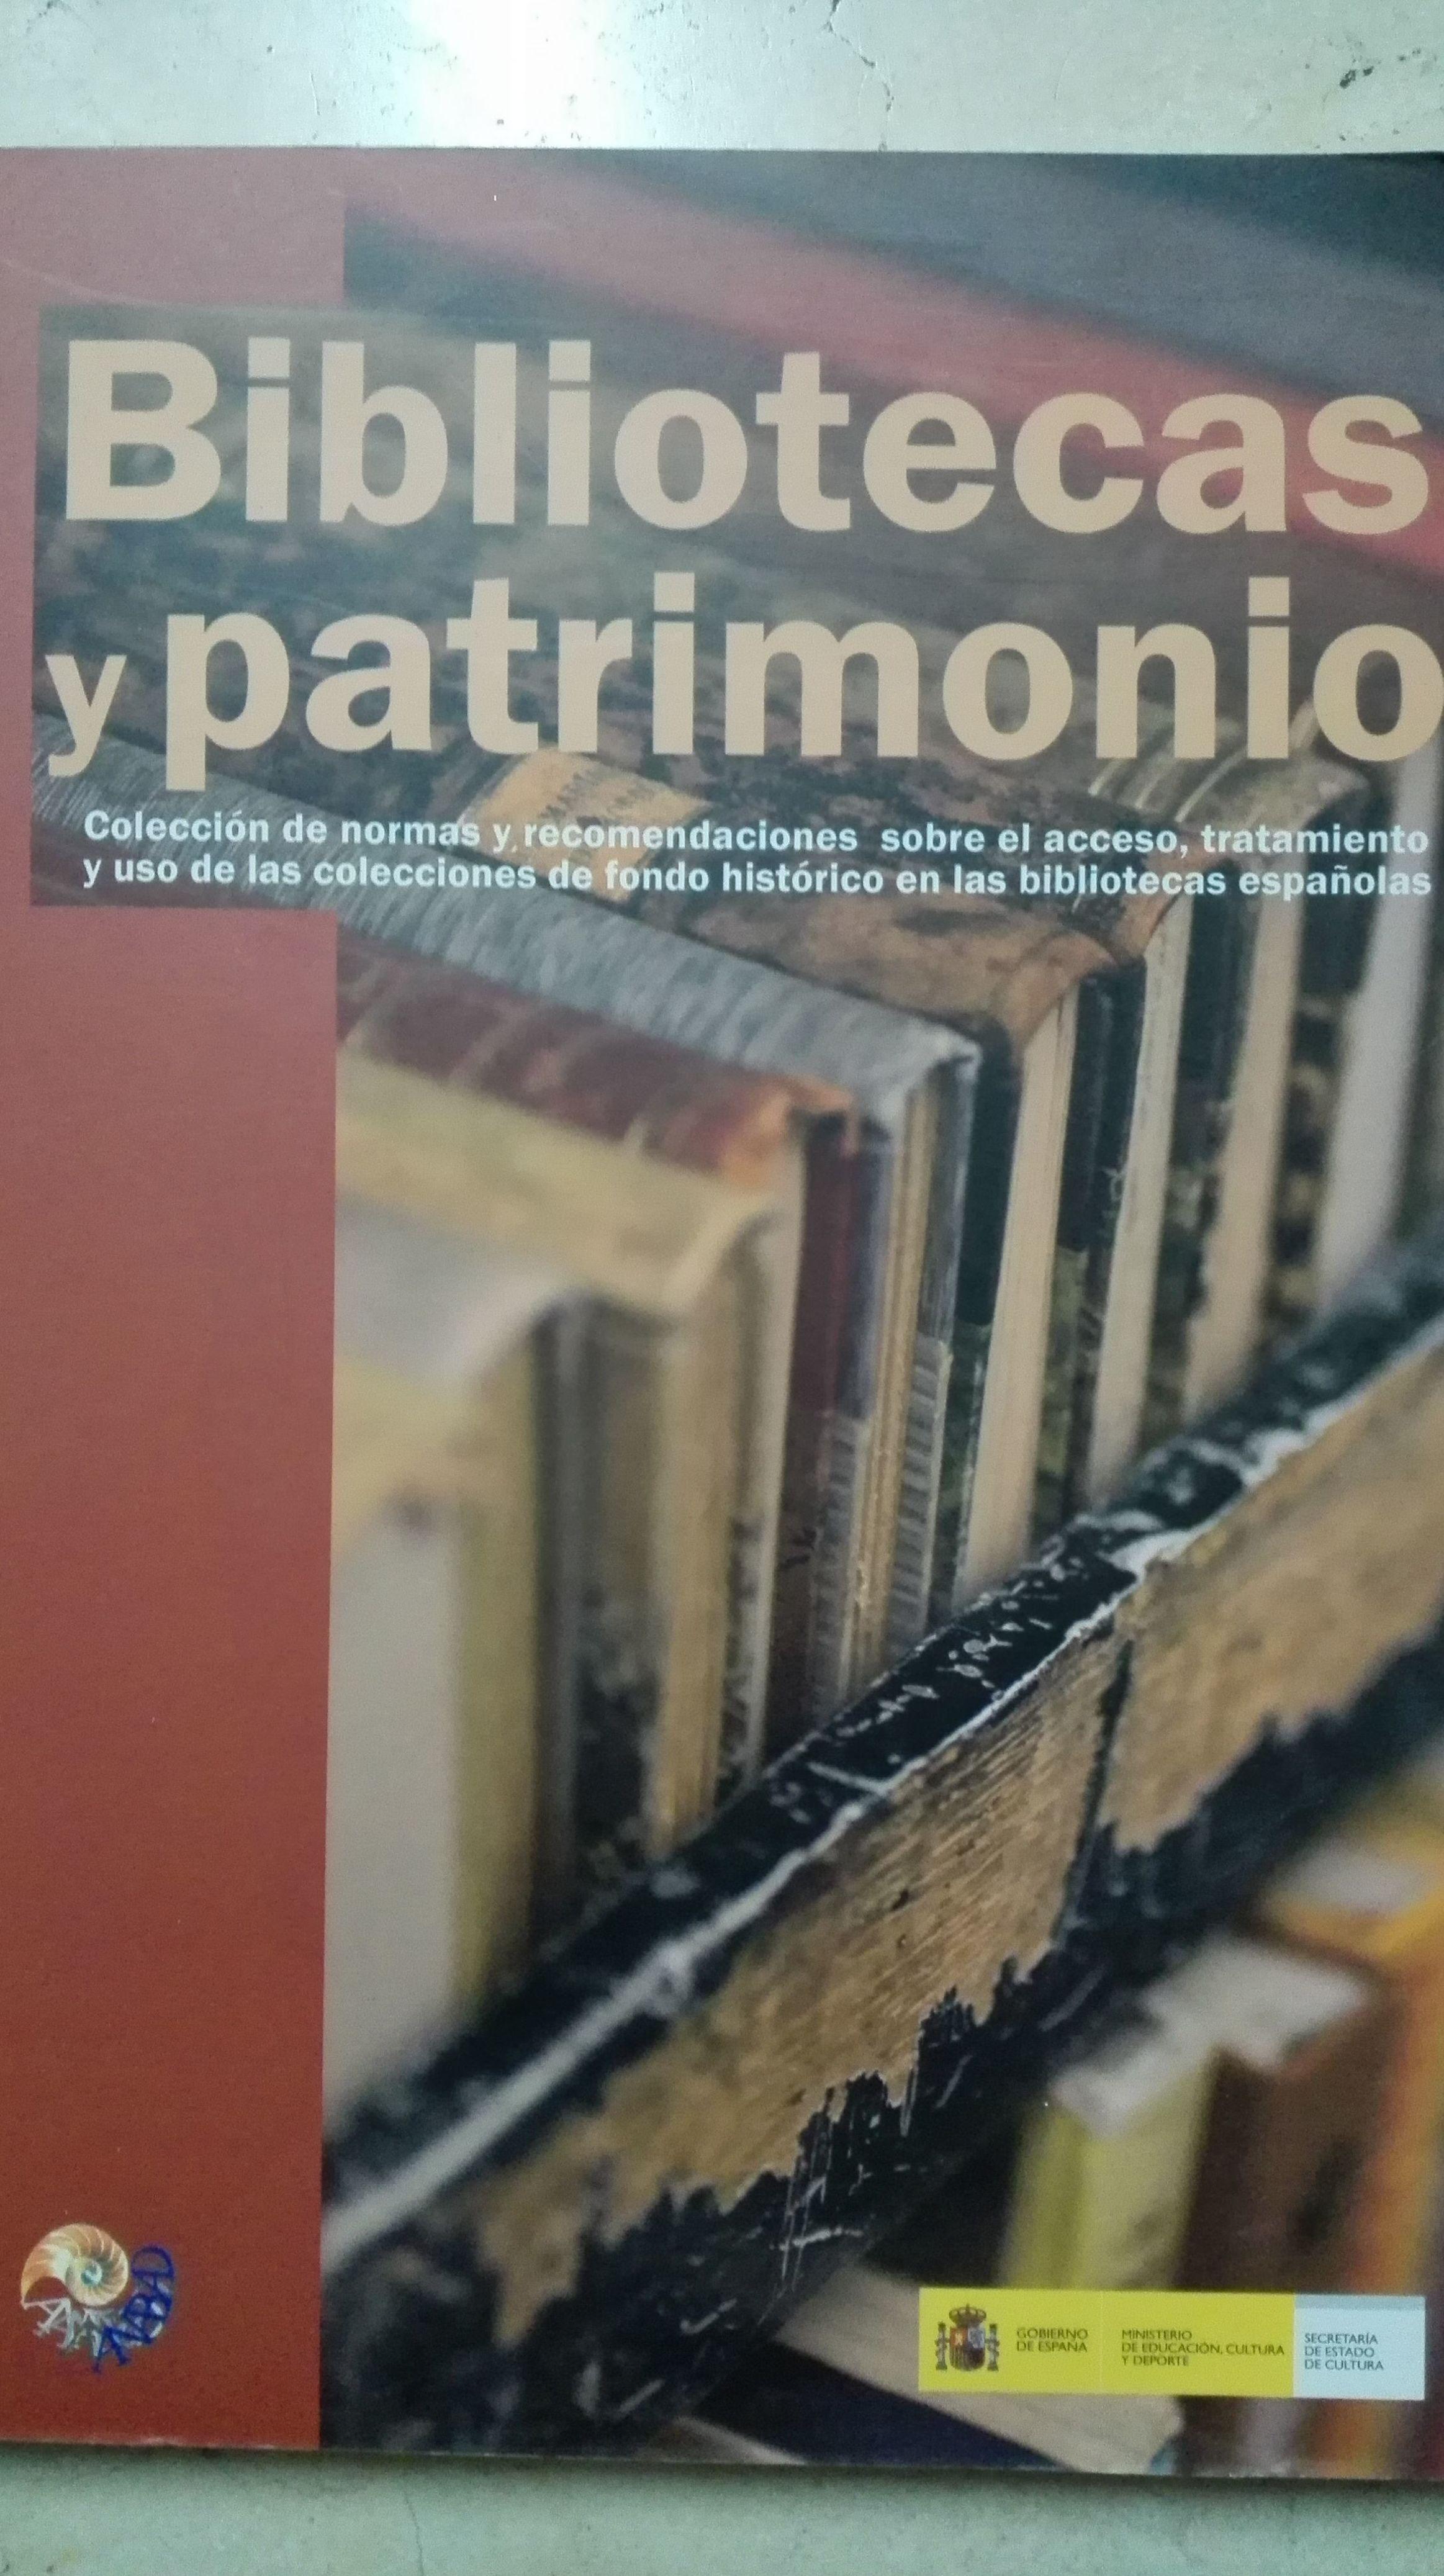 Bibliotecas y patrimonio